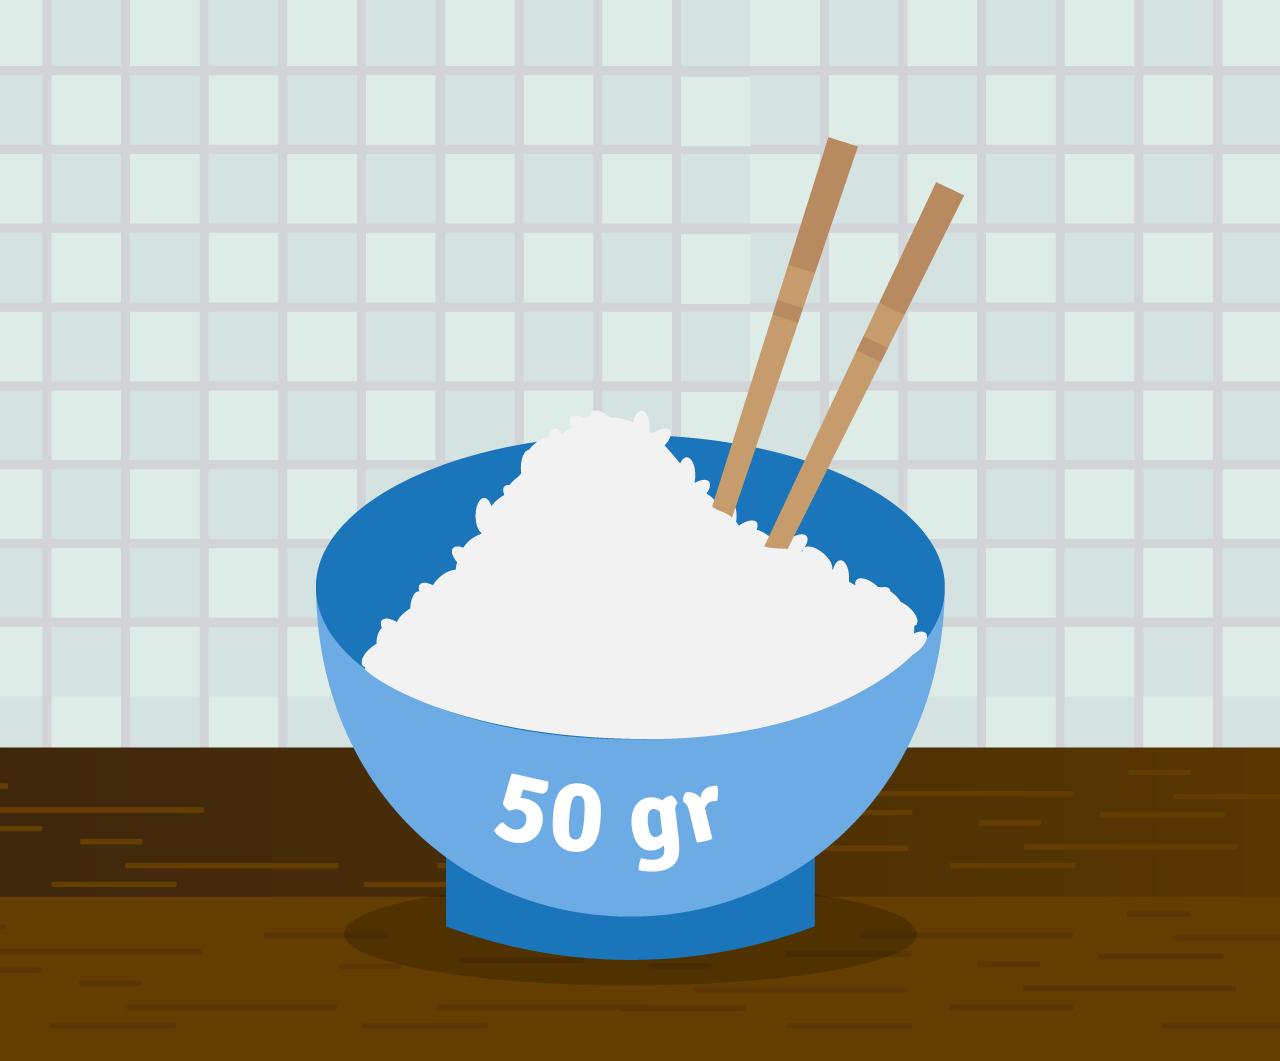 ¿Cuántos grupos de 50 gramos se pueden formar con 3000 gramos?